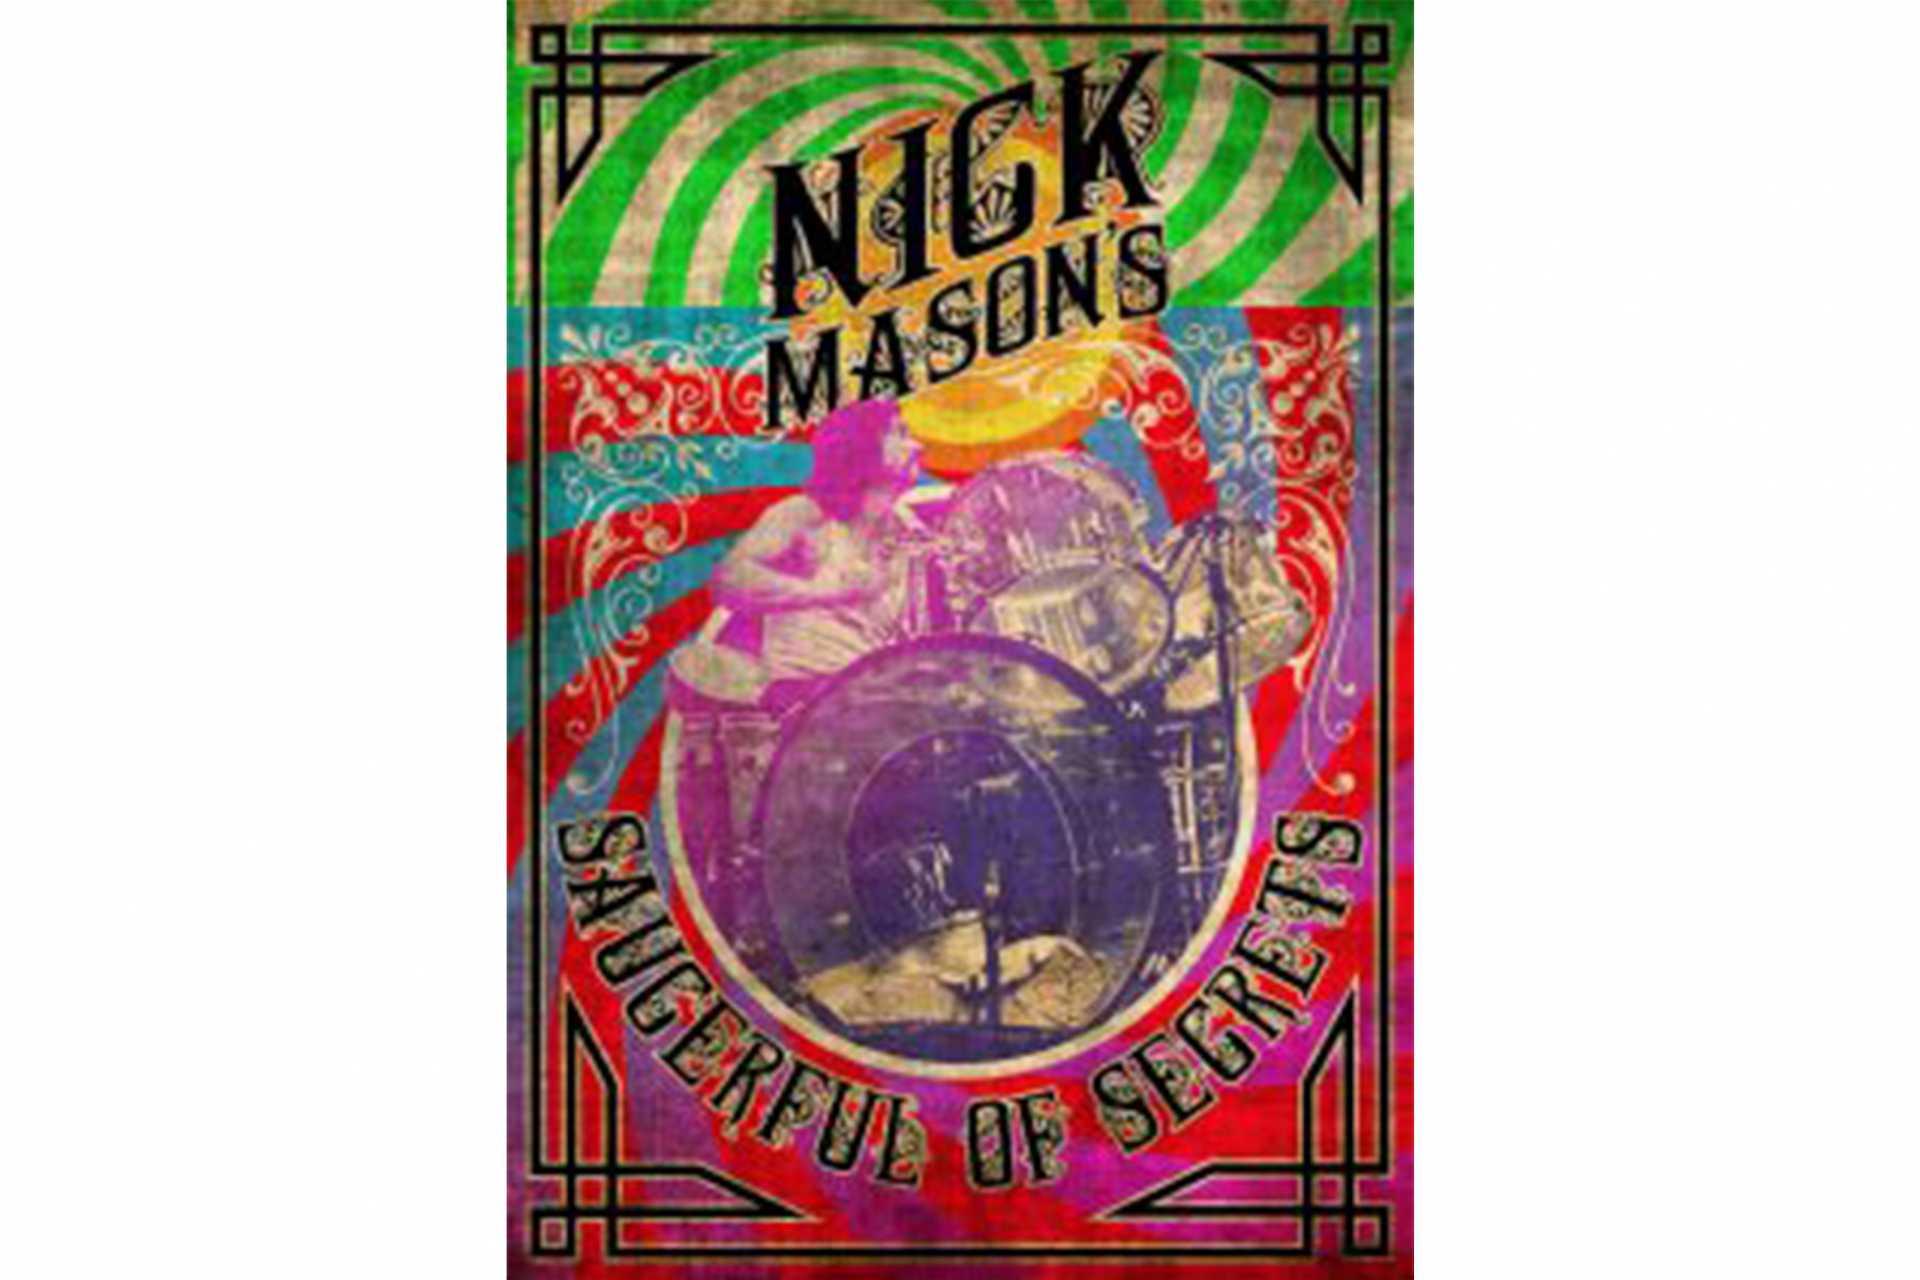 ニック・メイスンのソースフル・オブ・シークレッツが初の北米ツアーを発表